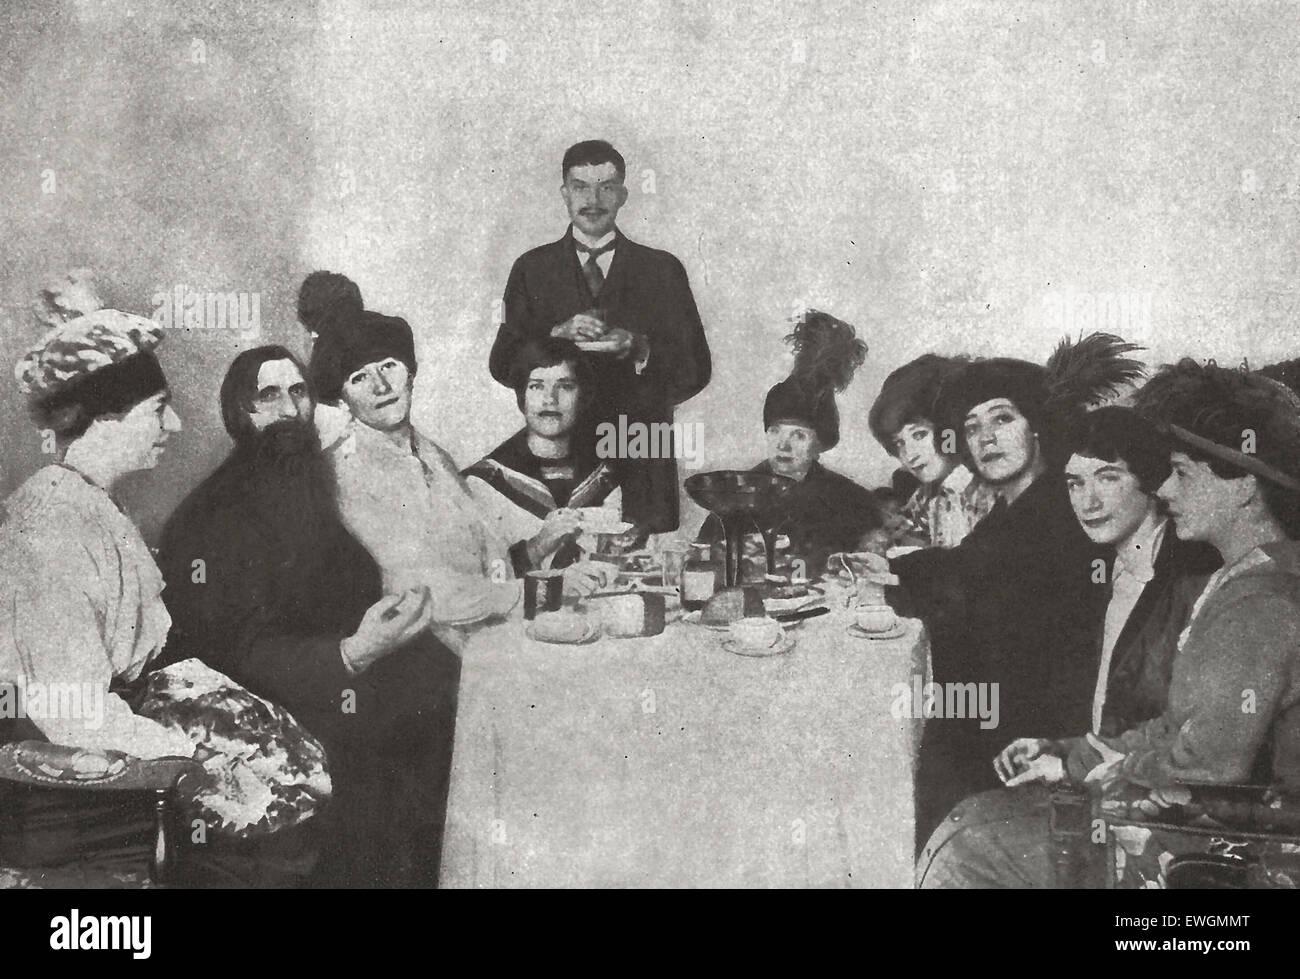 La sinistre moine Raspoutine fut assassiné avant le déclenchement de la Révolution. Pourtant, aucun Photo Stock